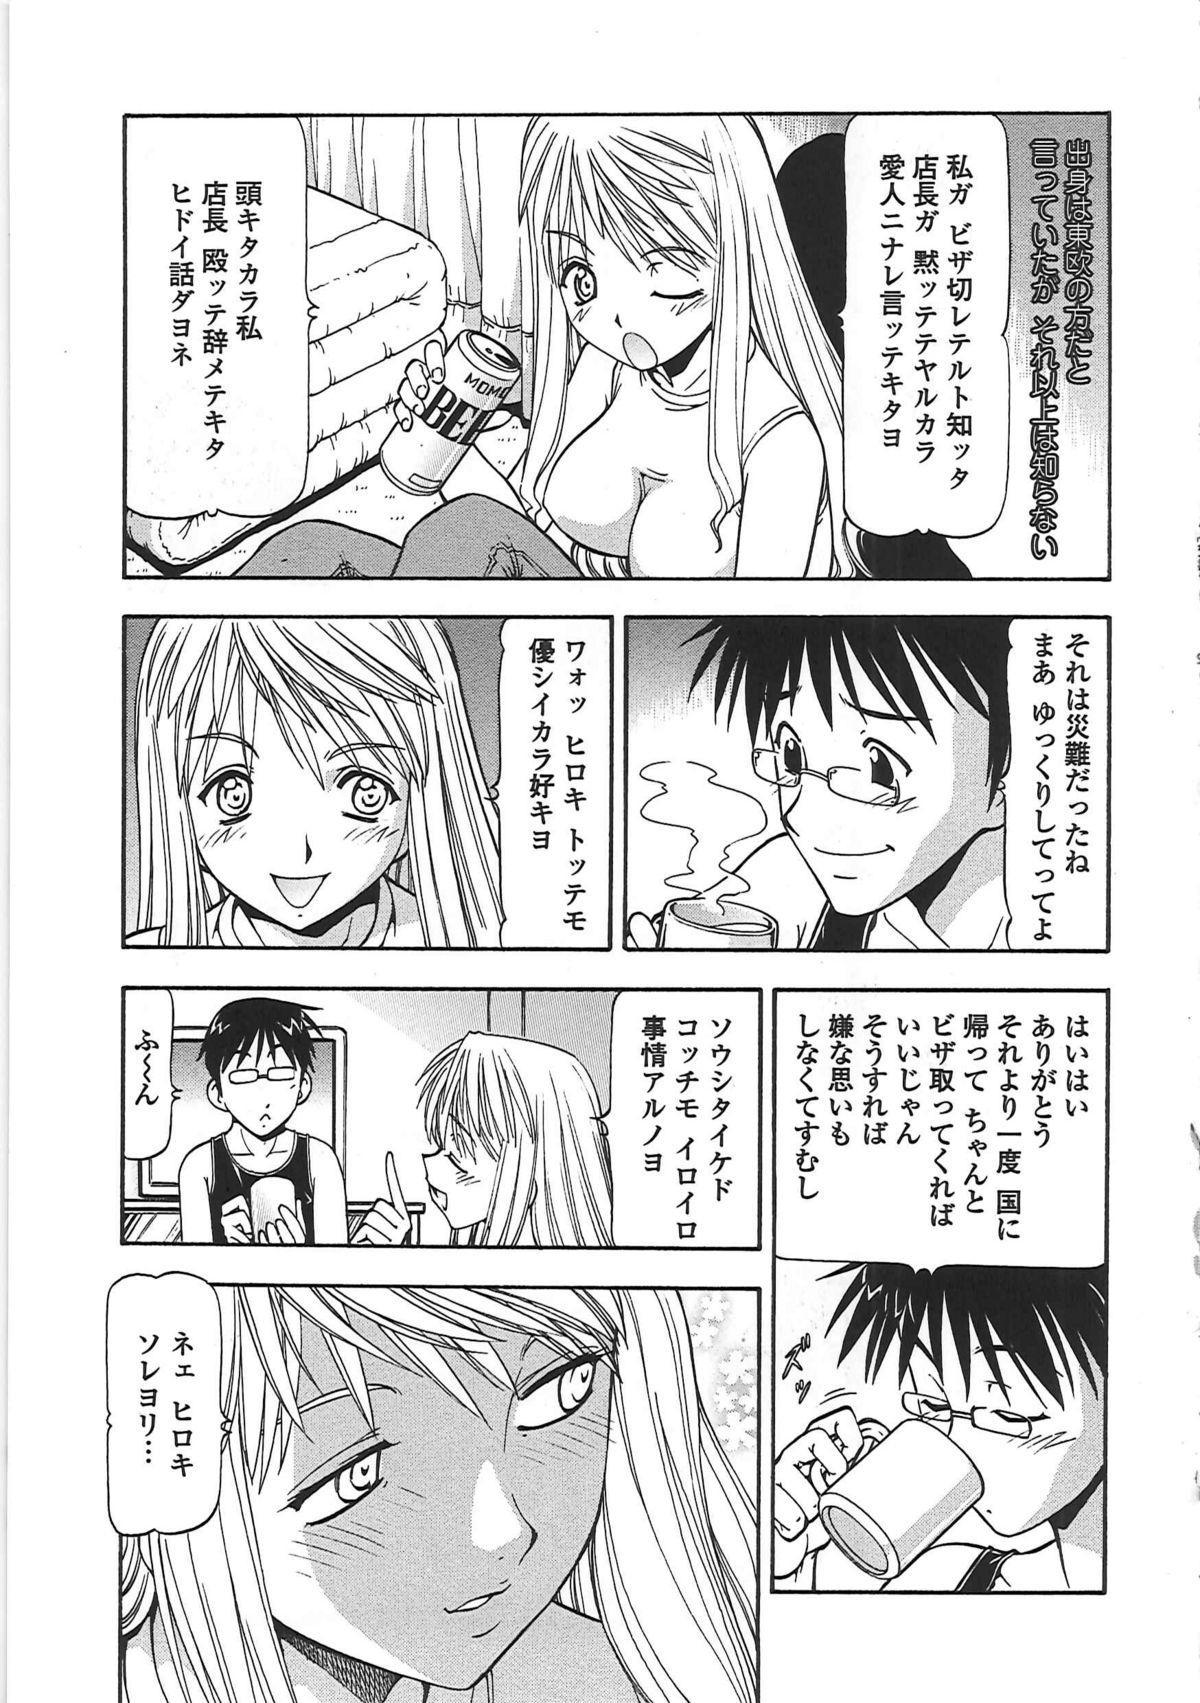 Hentai Iinchou 199